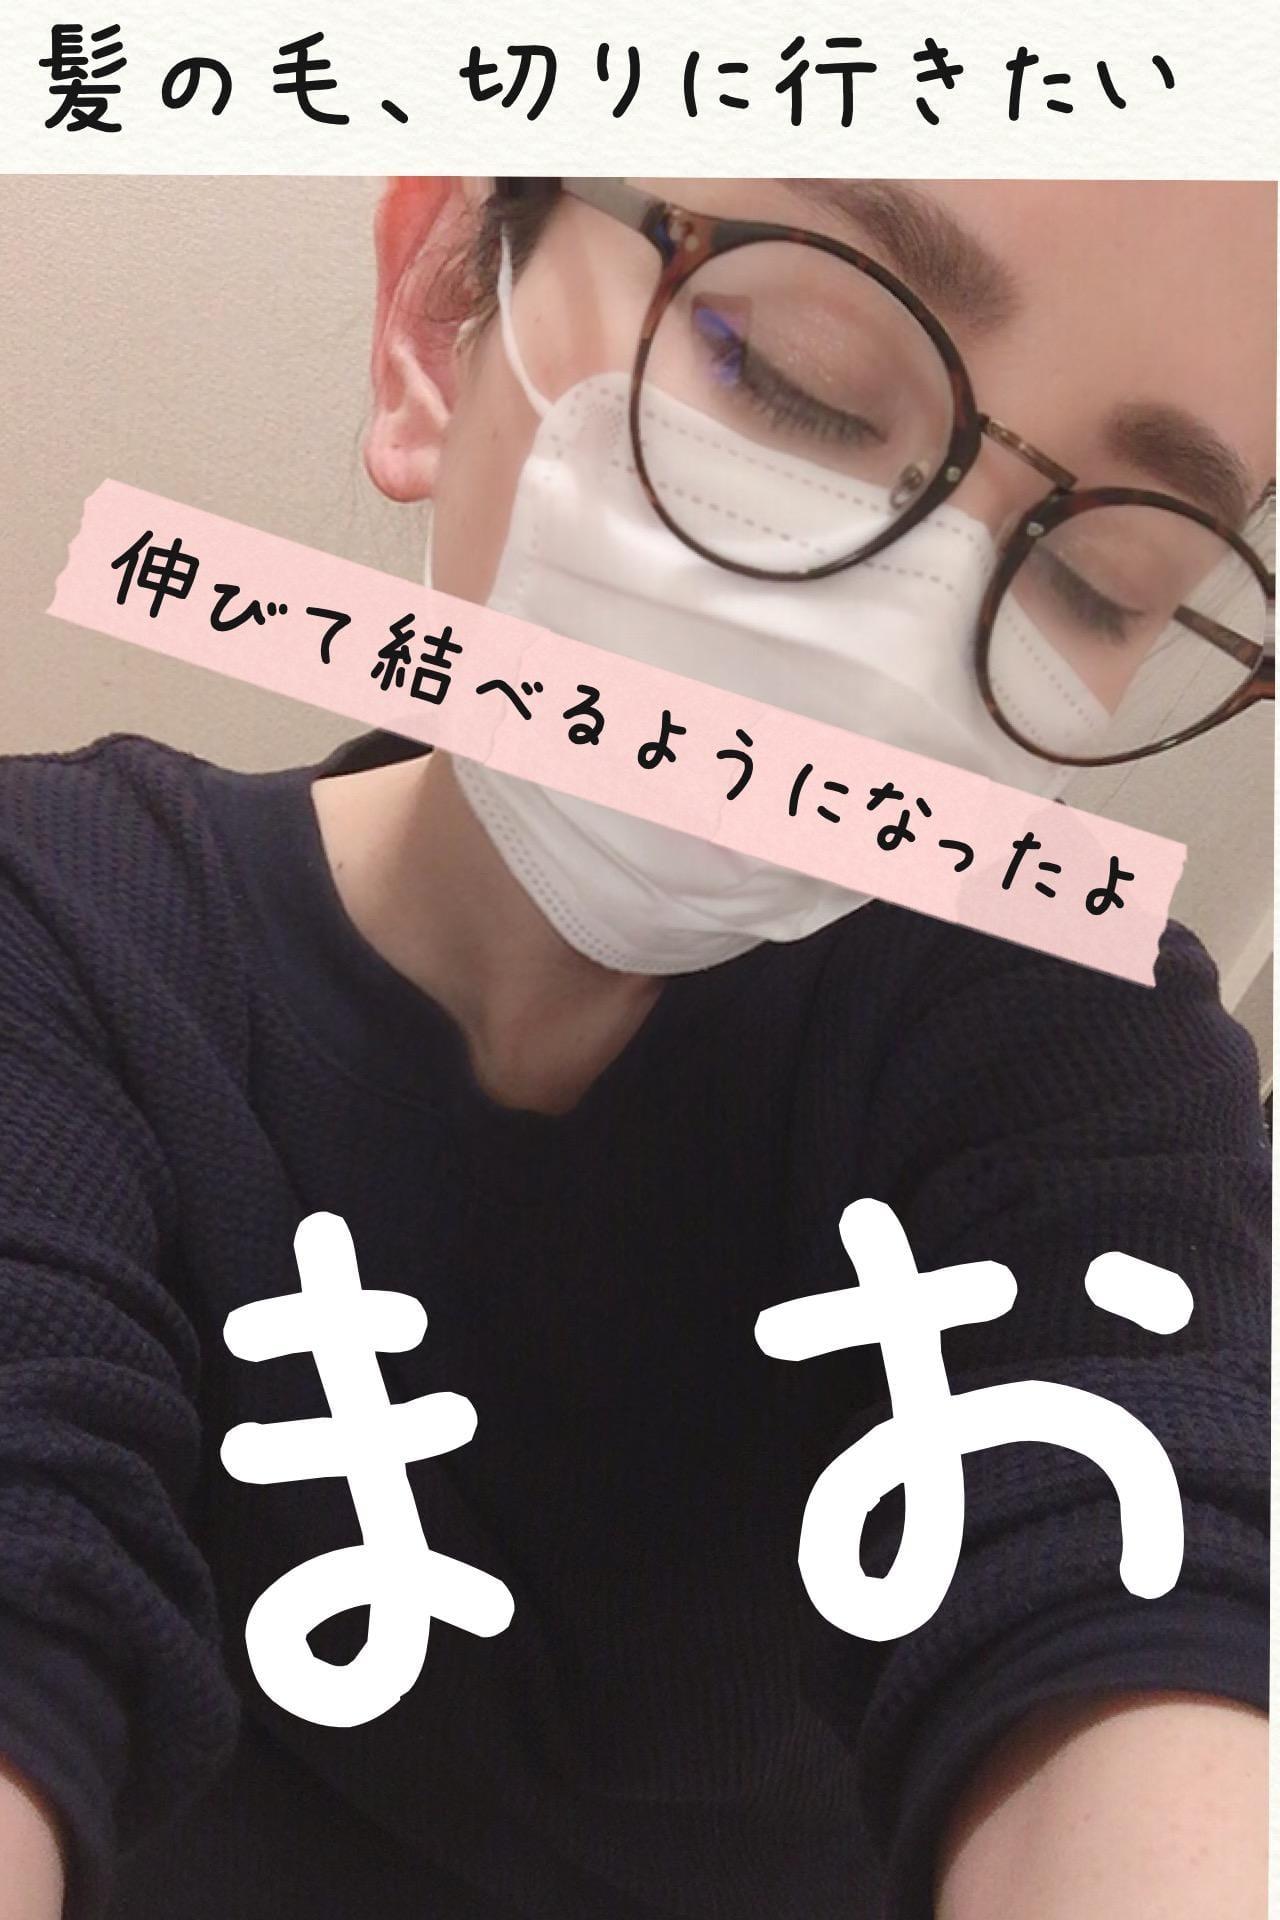 「予防(*^_^*) 〜♪」01/29(水) 19:08   まおの写メ・風俗動画